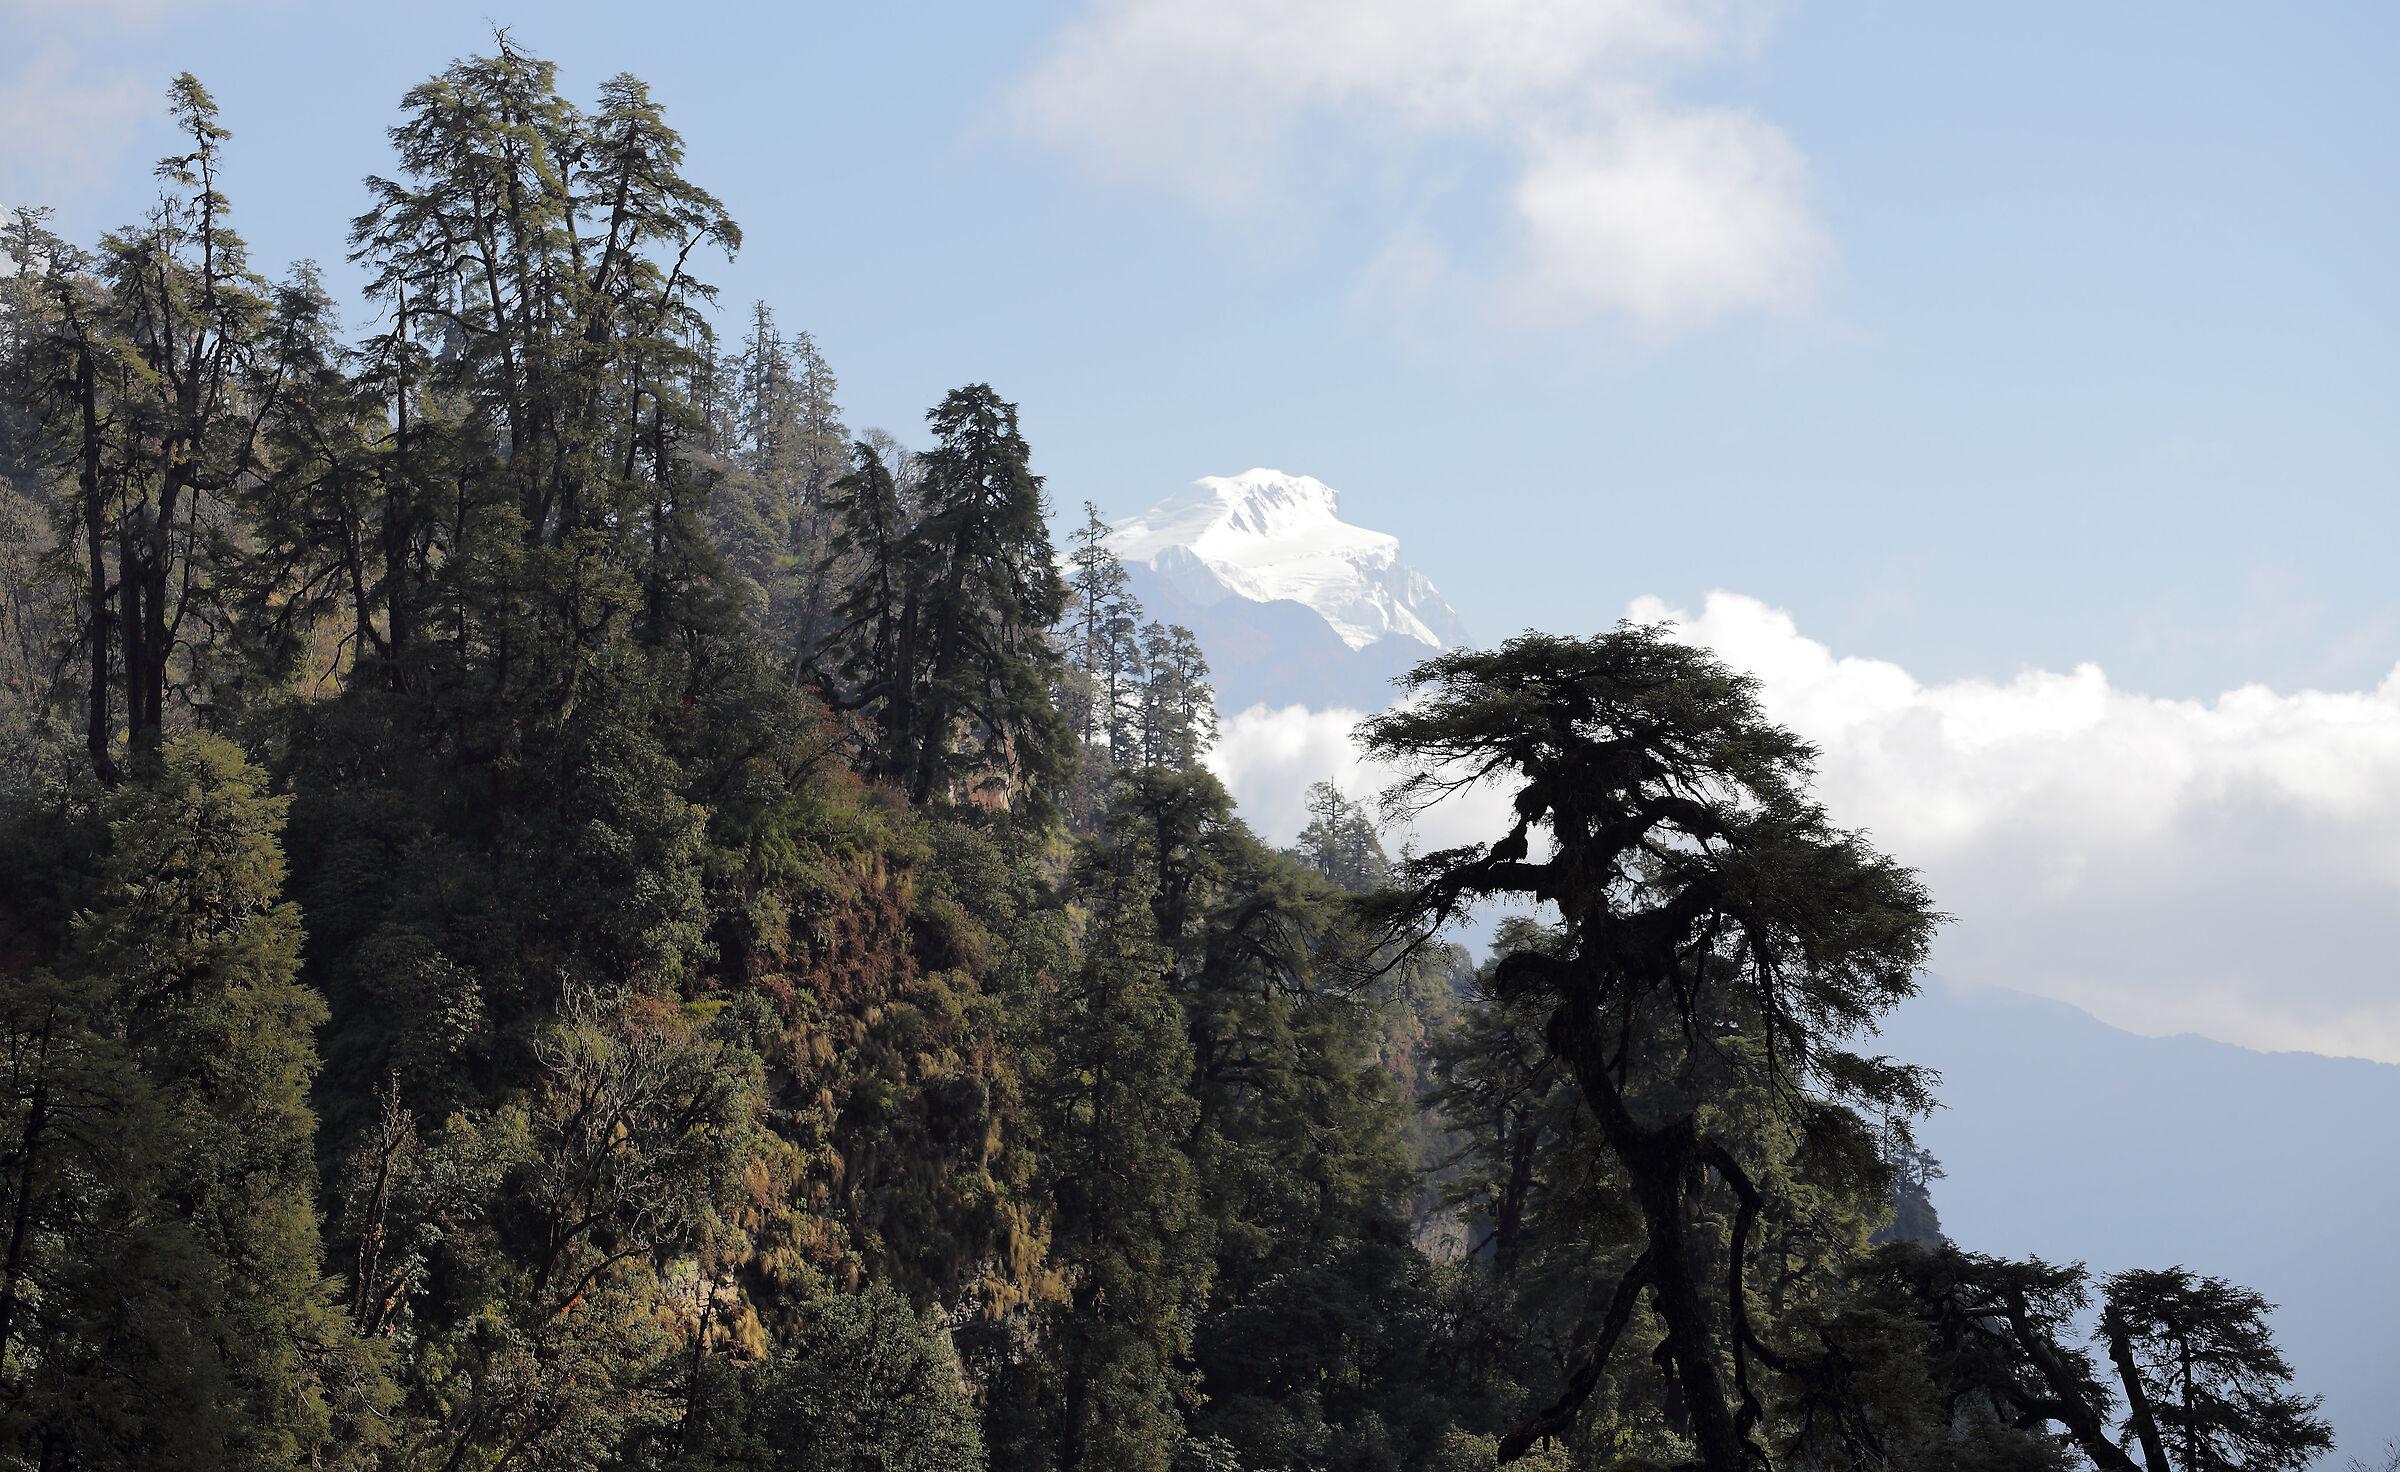 Rodeando el Annapurna...